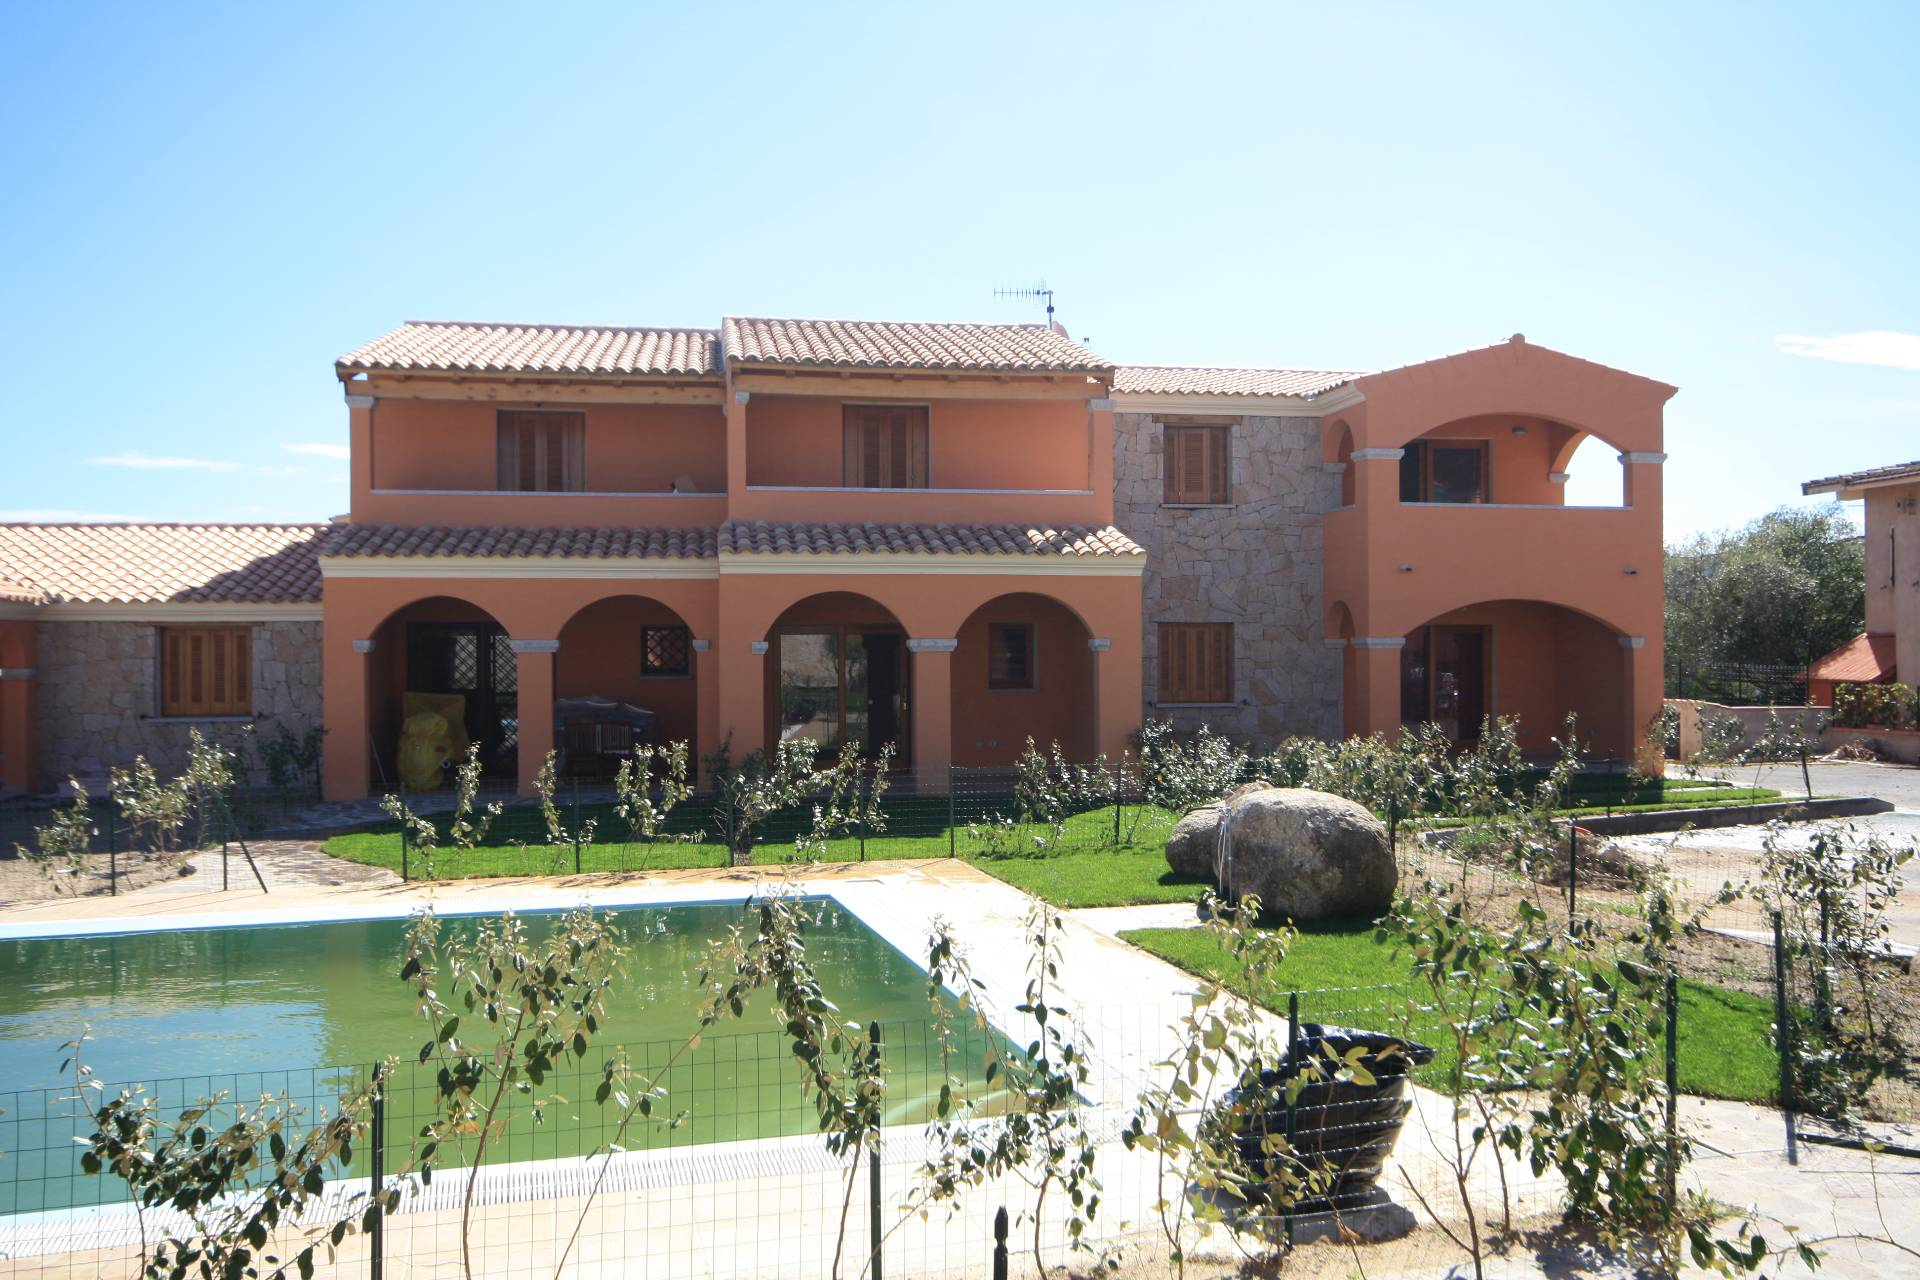 Cbi040 ed004ed casa vacanze in affitto a san teodoro for Case in affitto san teodoro